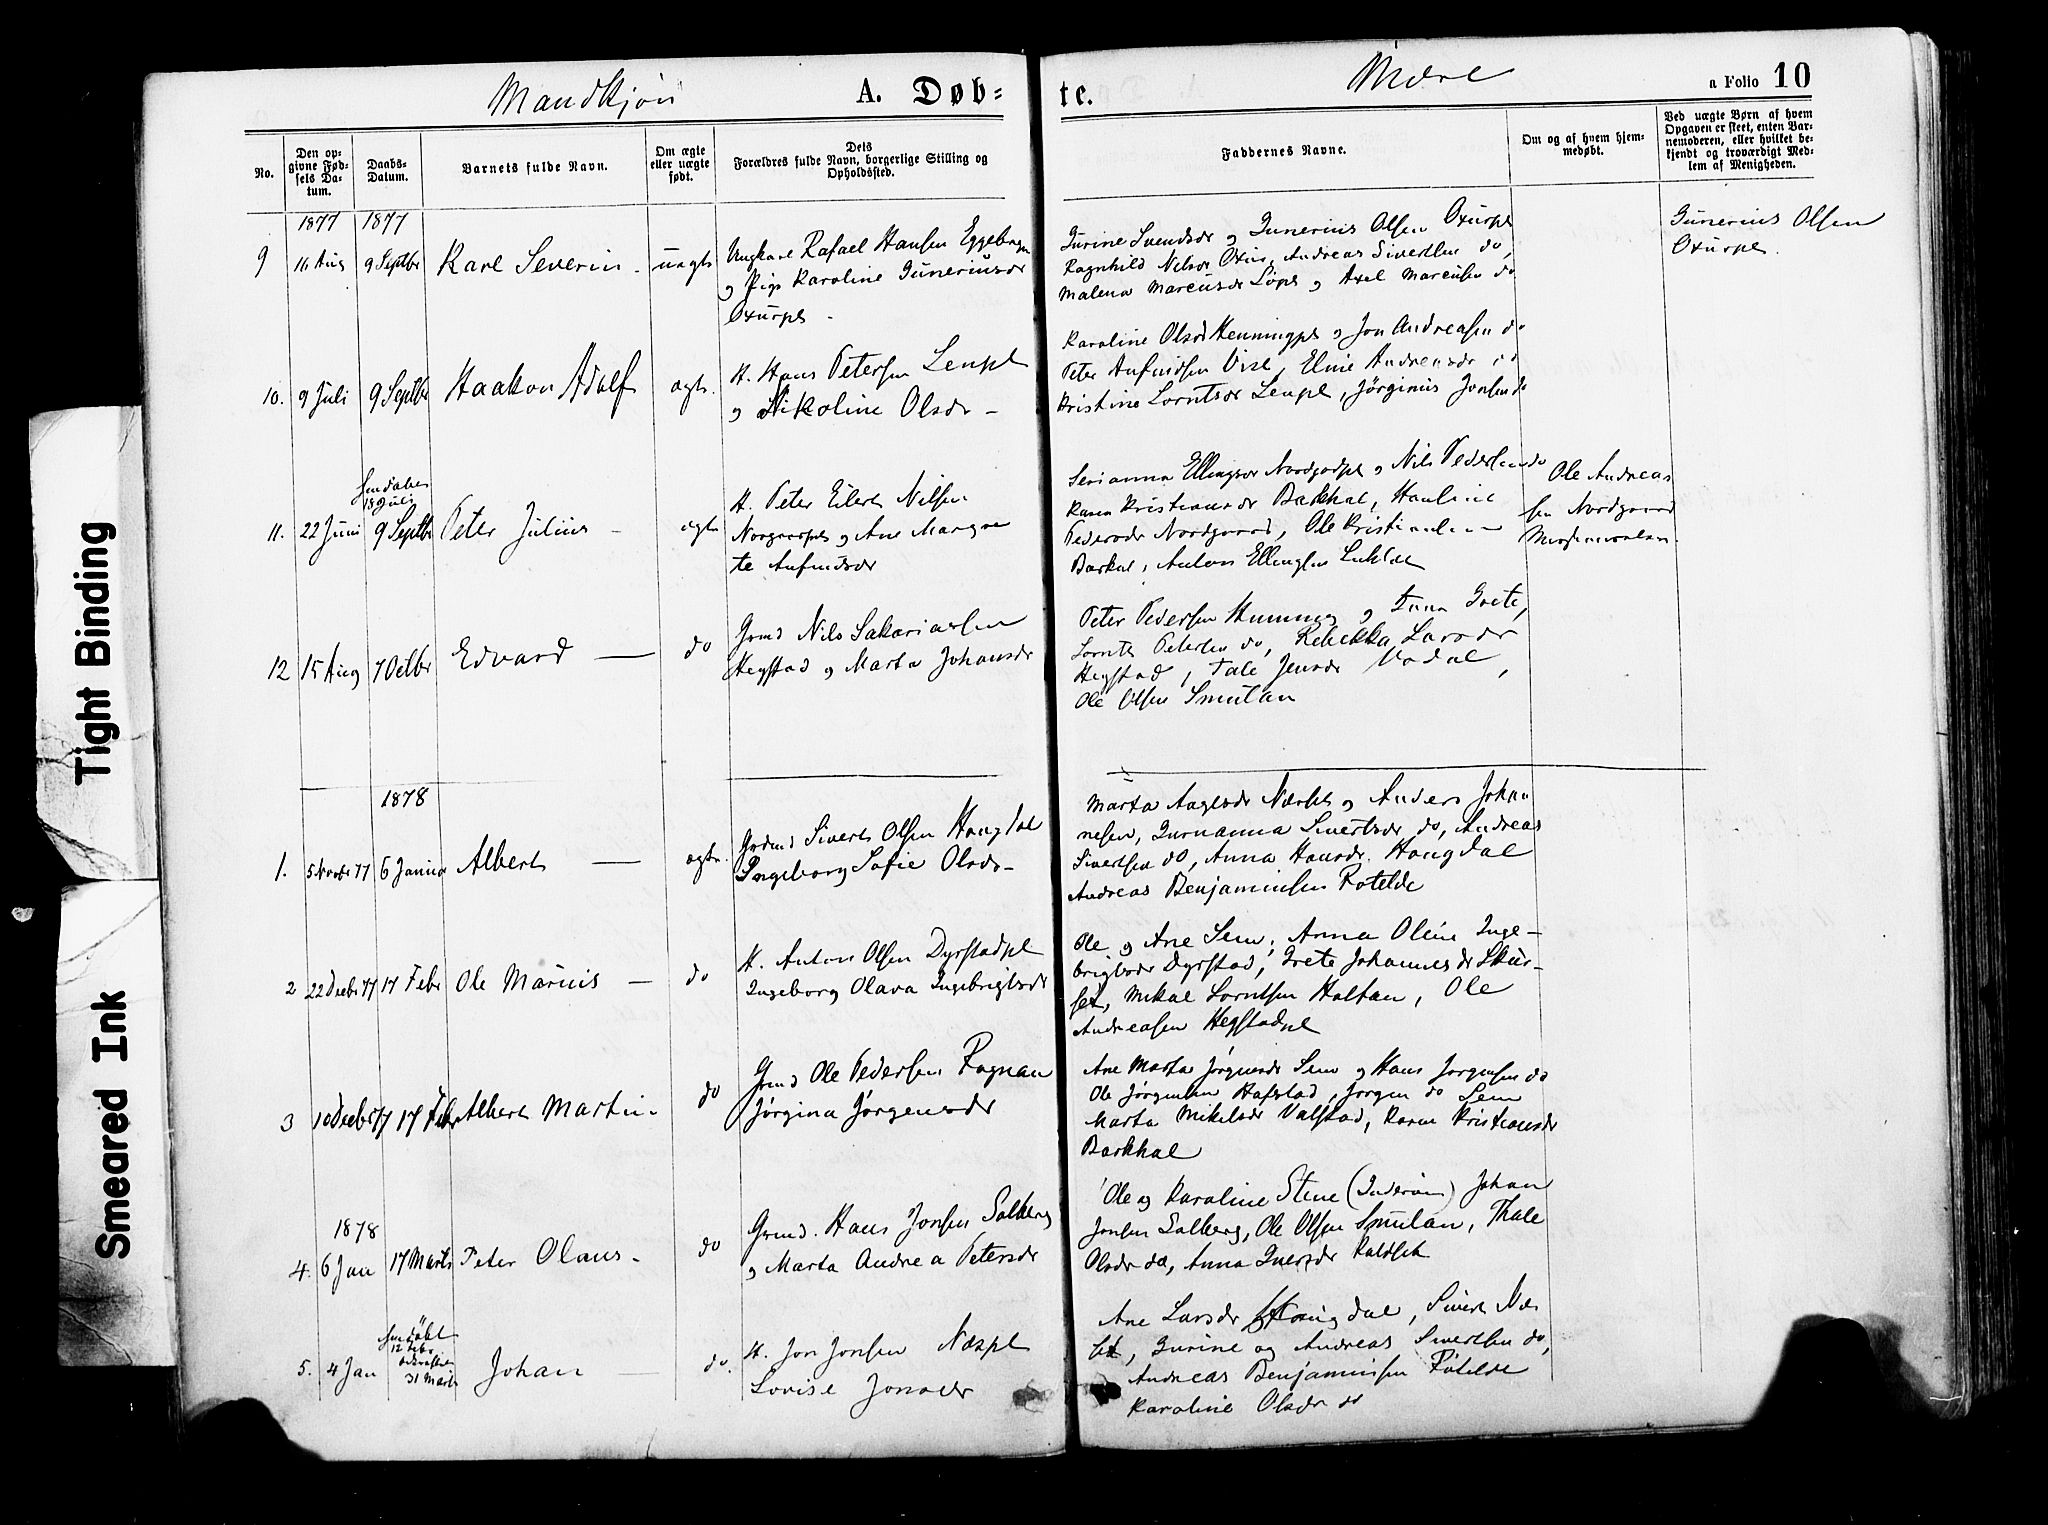 SAT, Ministerialprotokoller, klokkerbøker og fødselsregistre - Nord-Trøndelag, 735/L0348: Ministerialbok nr. 735A09 /1, 1873-1883, s. 10